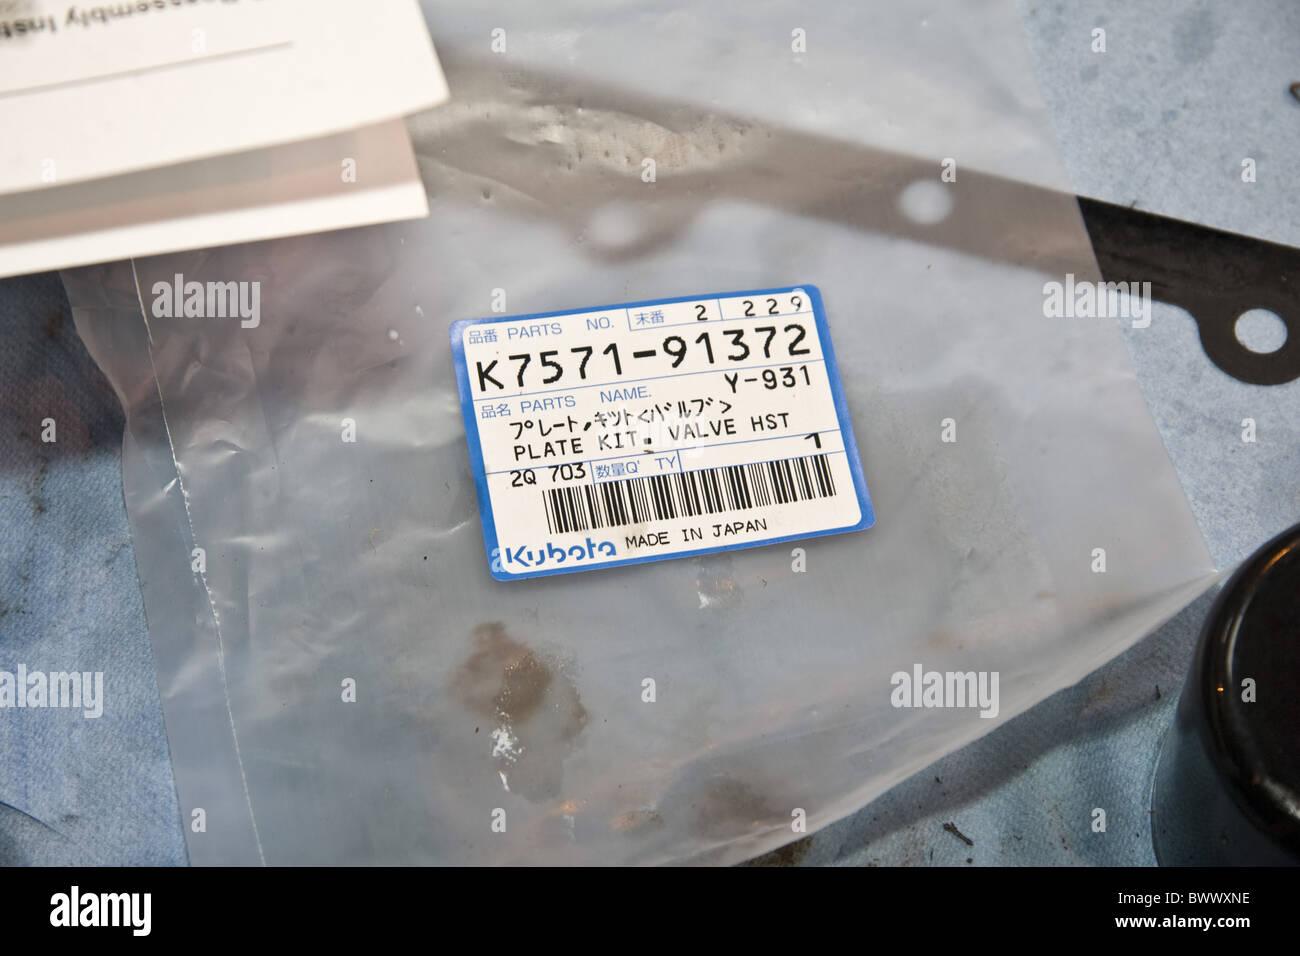 plastic plastics bag bags plate kit valve HST spare part spare parts ...